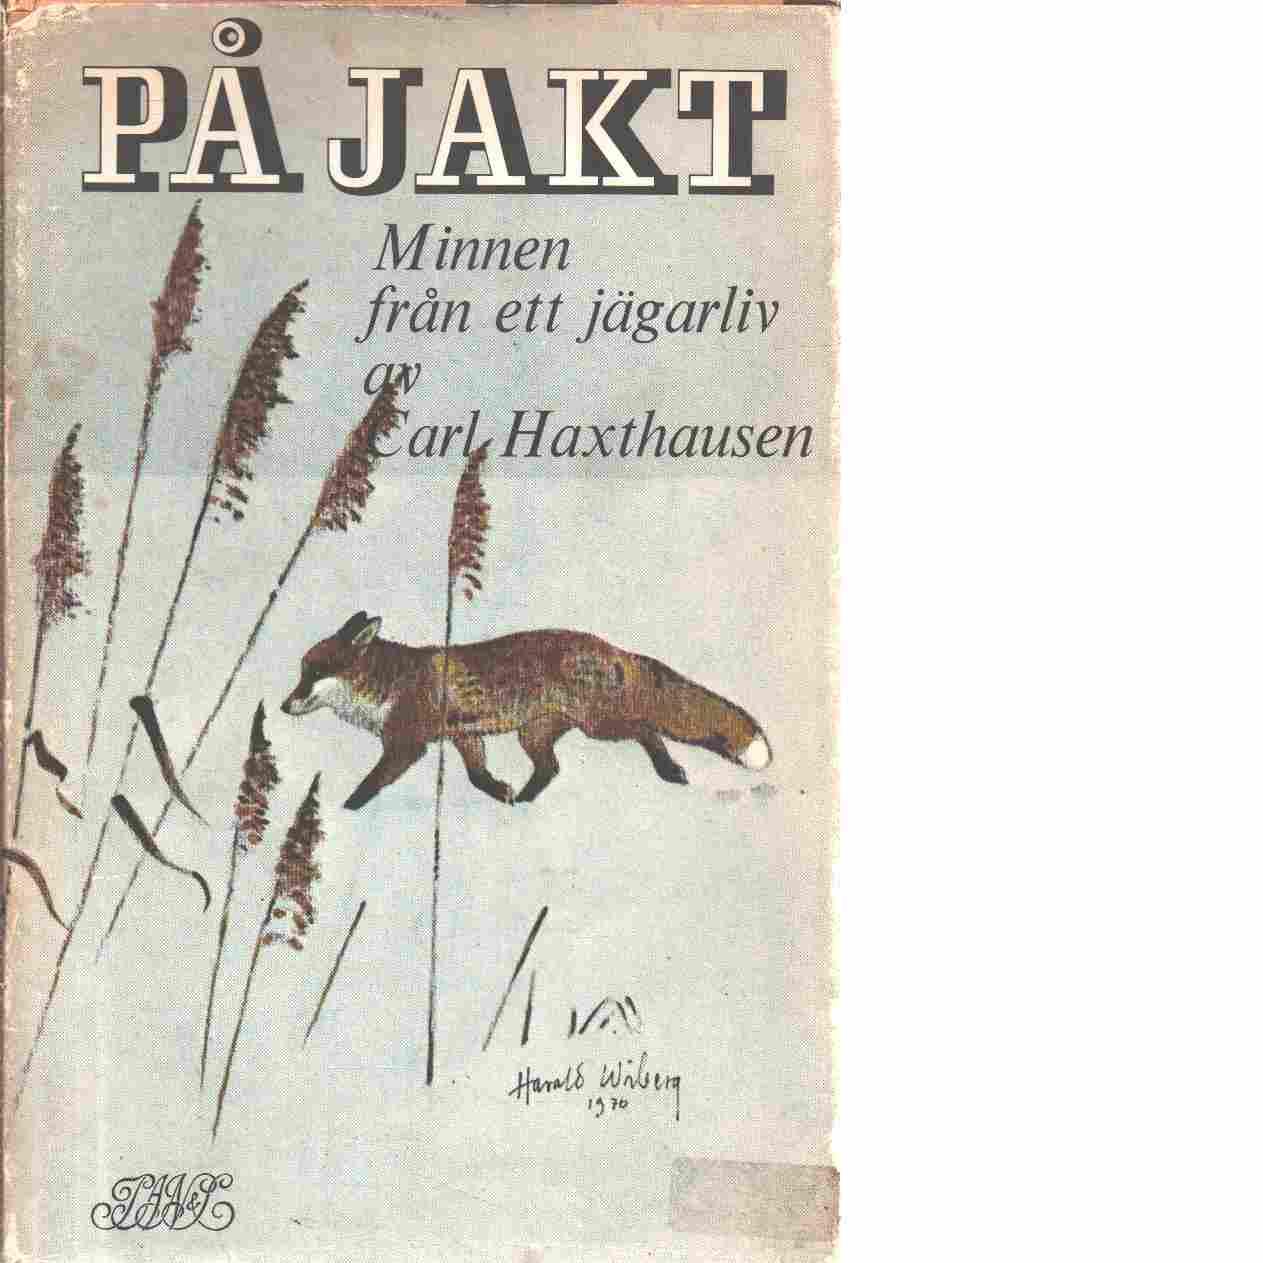 På jakt : minnen från ett jägarliv / Carl Haxthausen ; med teckningar av Harald Wiberg - Haxthausen, Carl